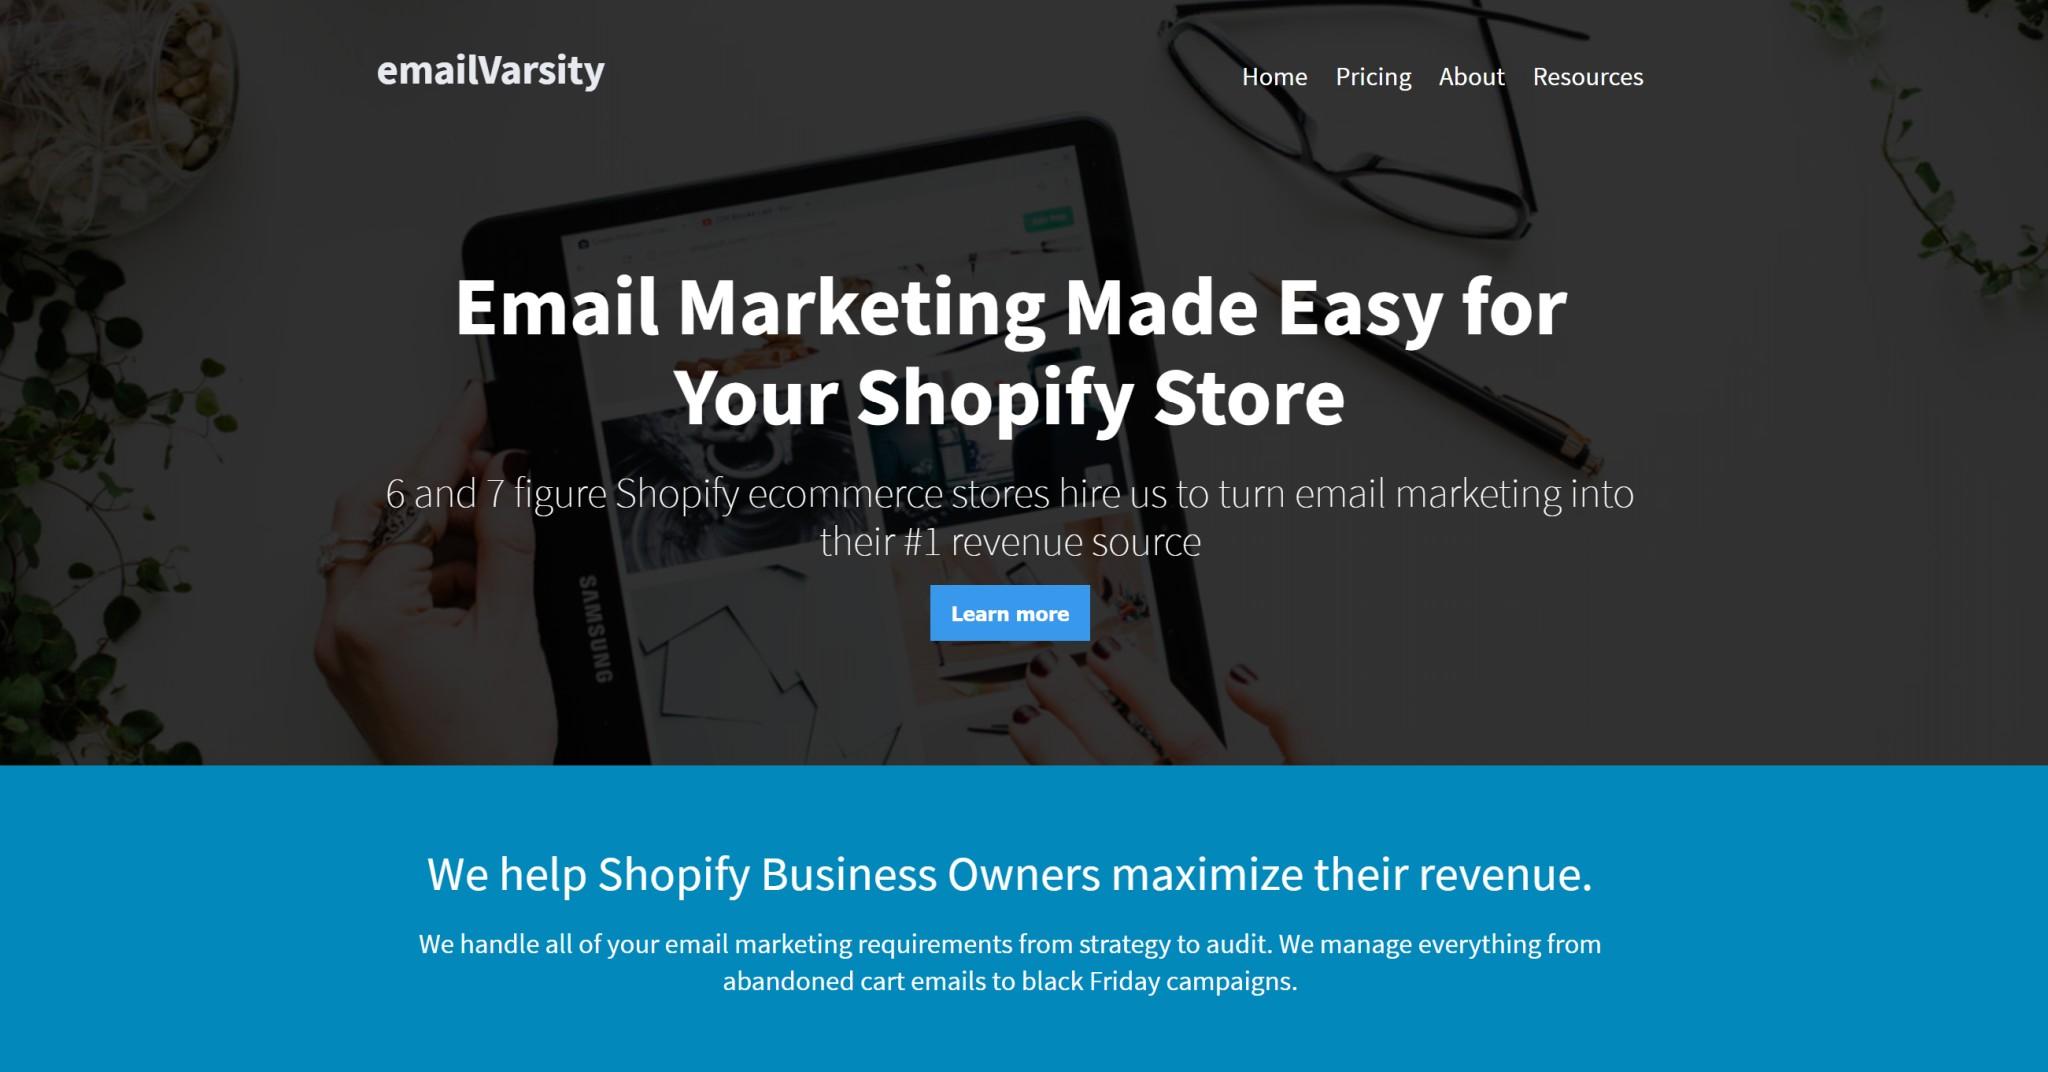 EmailVarsity